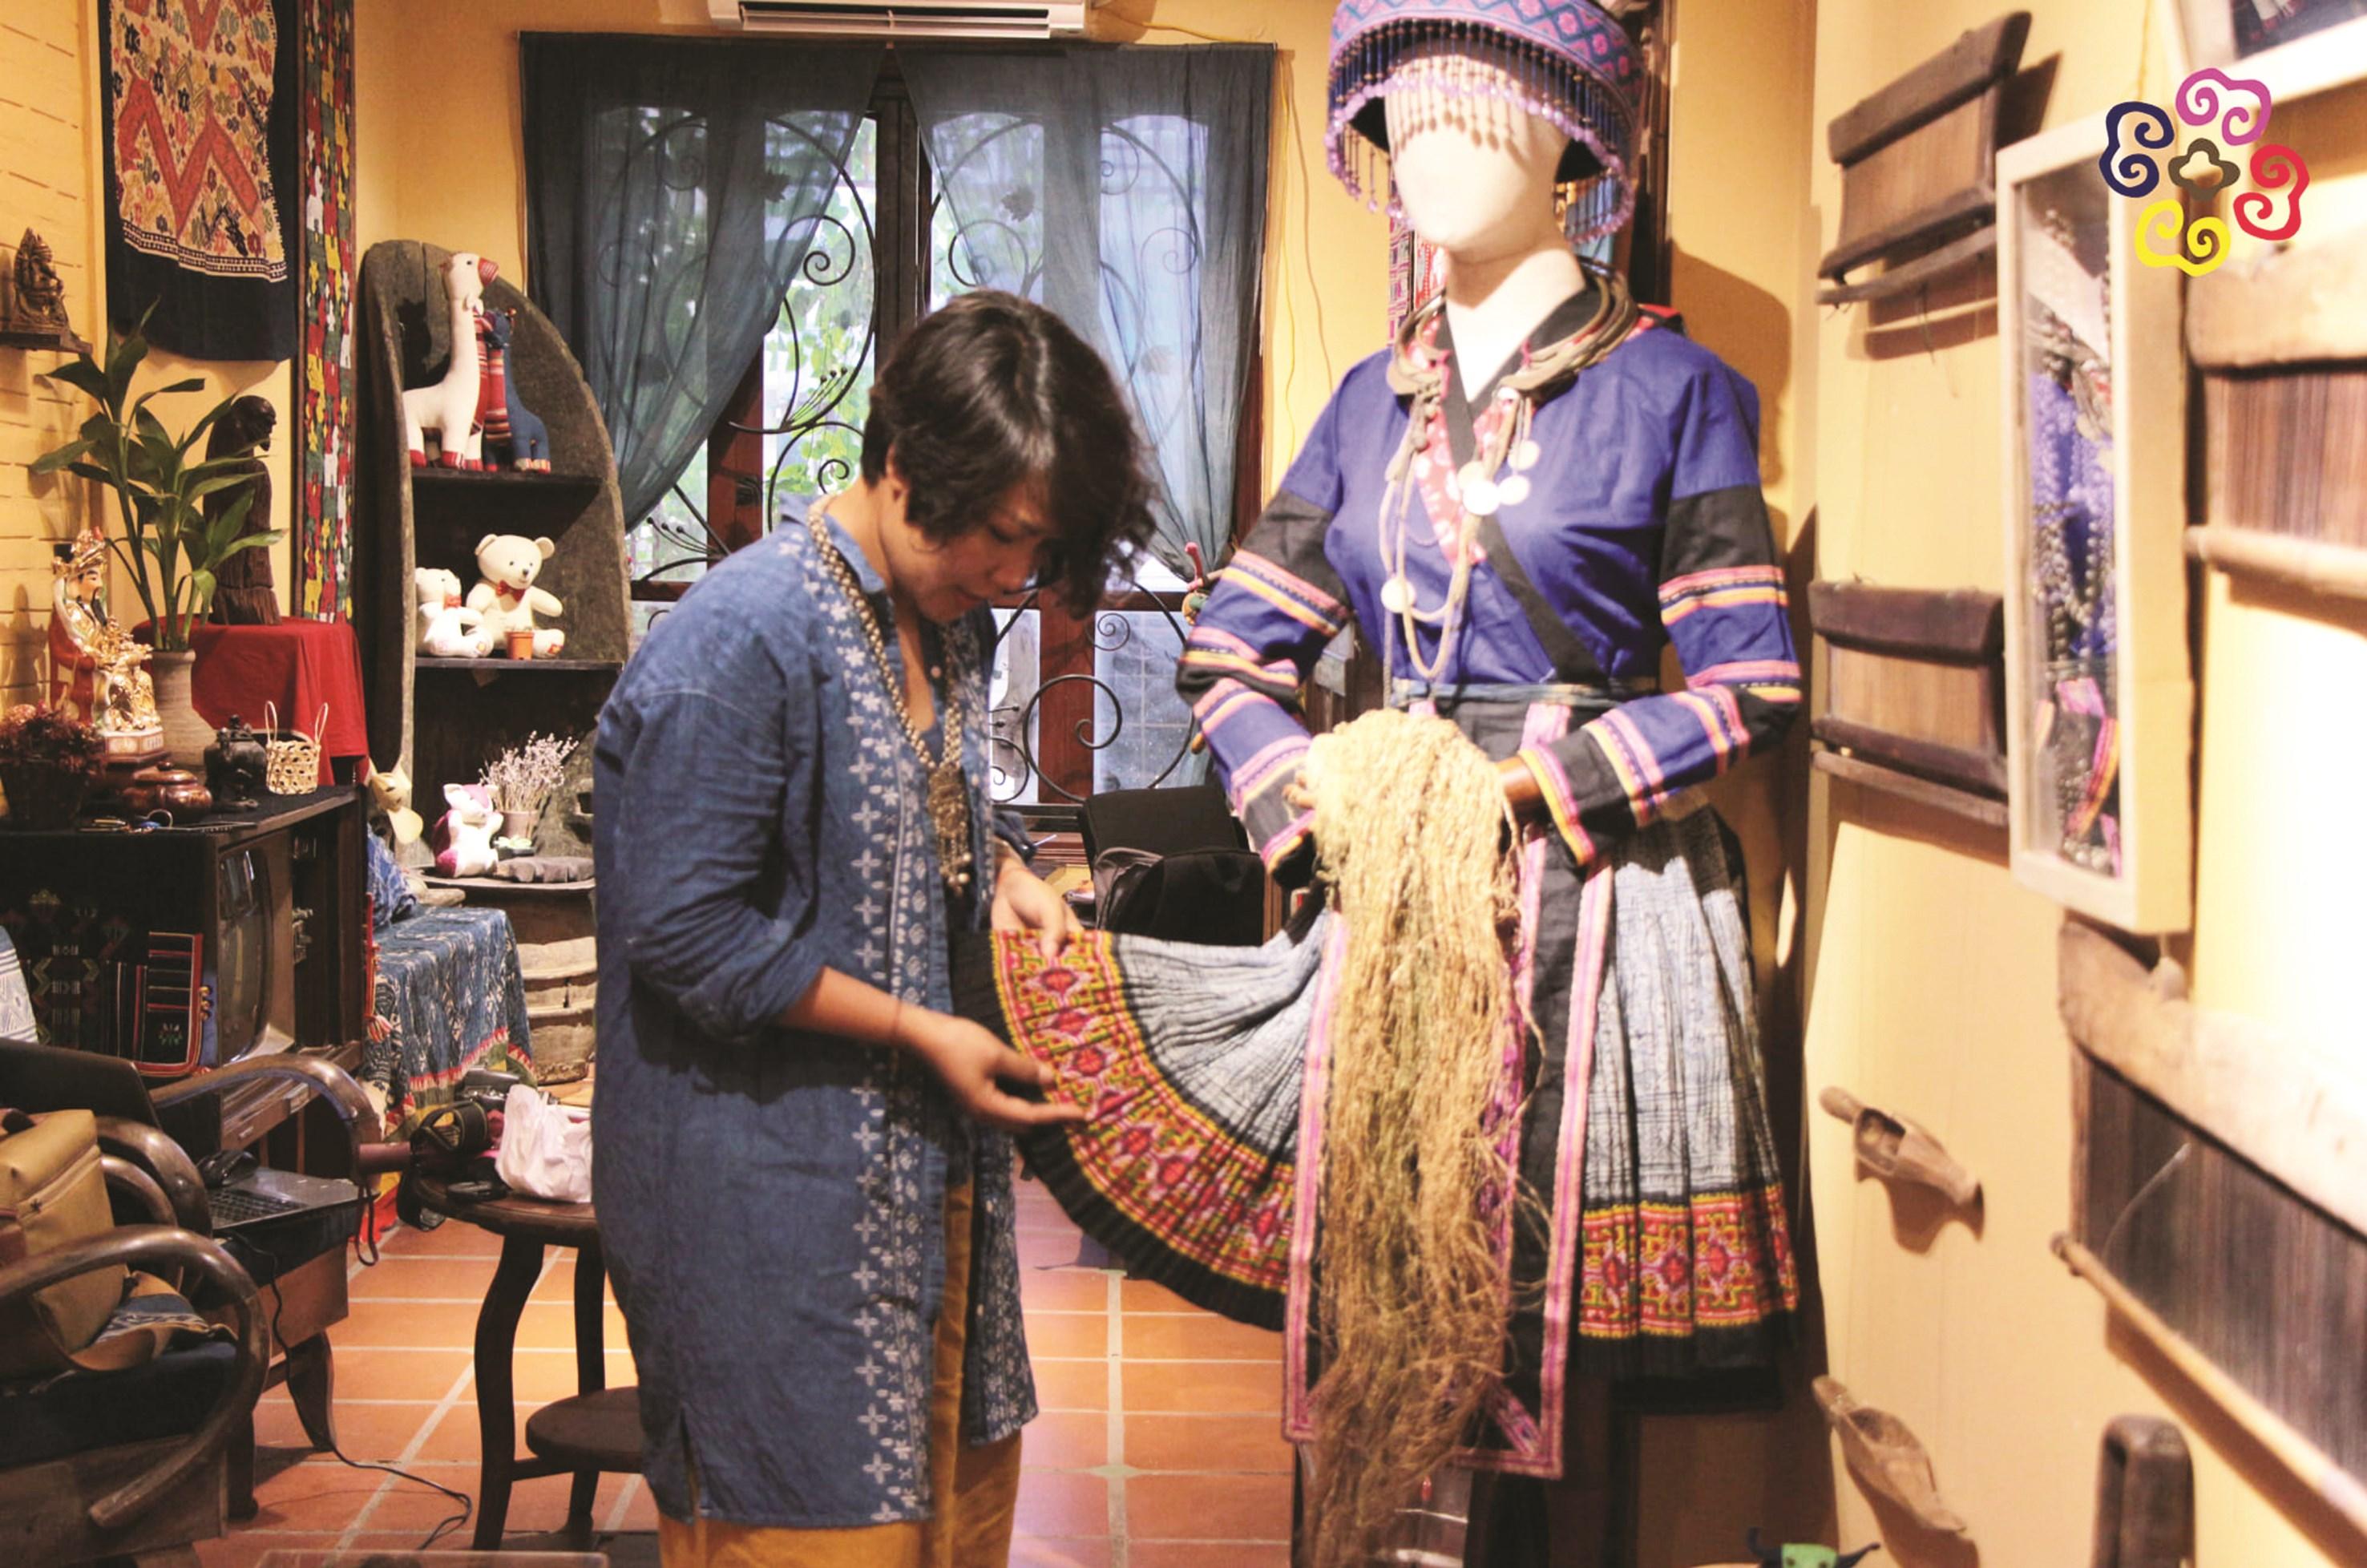 Chị Trương Thị Thu Thủy trong cửa hàng giới thiệu sản phẩm của mình tại 66 Hàng Trống.